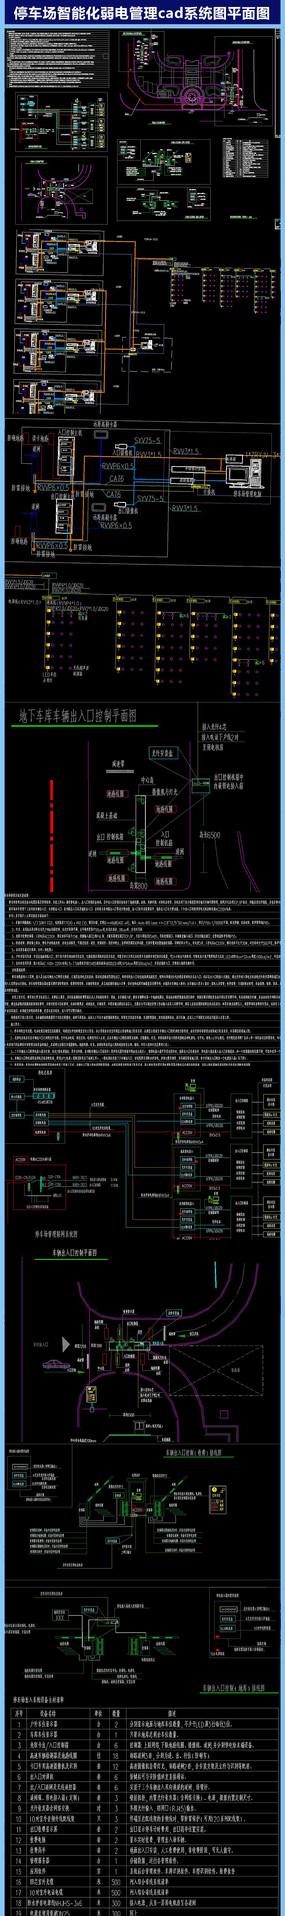 停车场智能化弱电管理cad系统图平面图